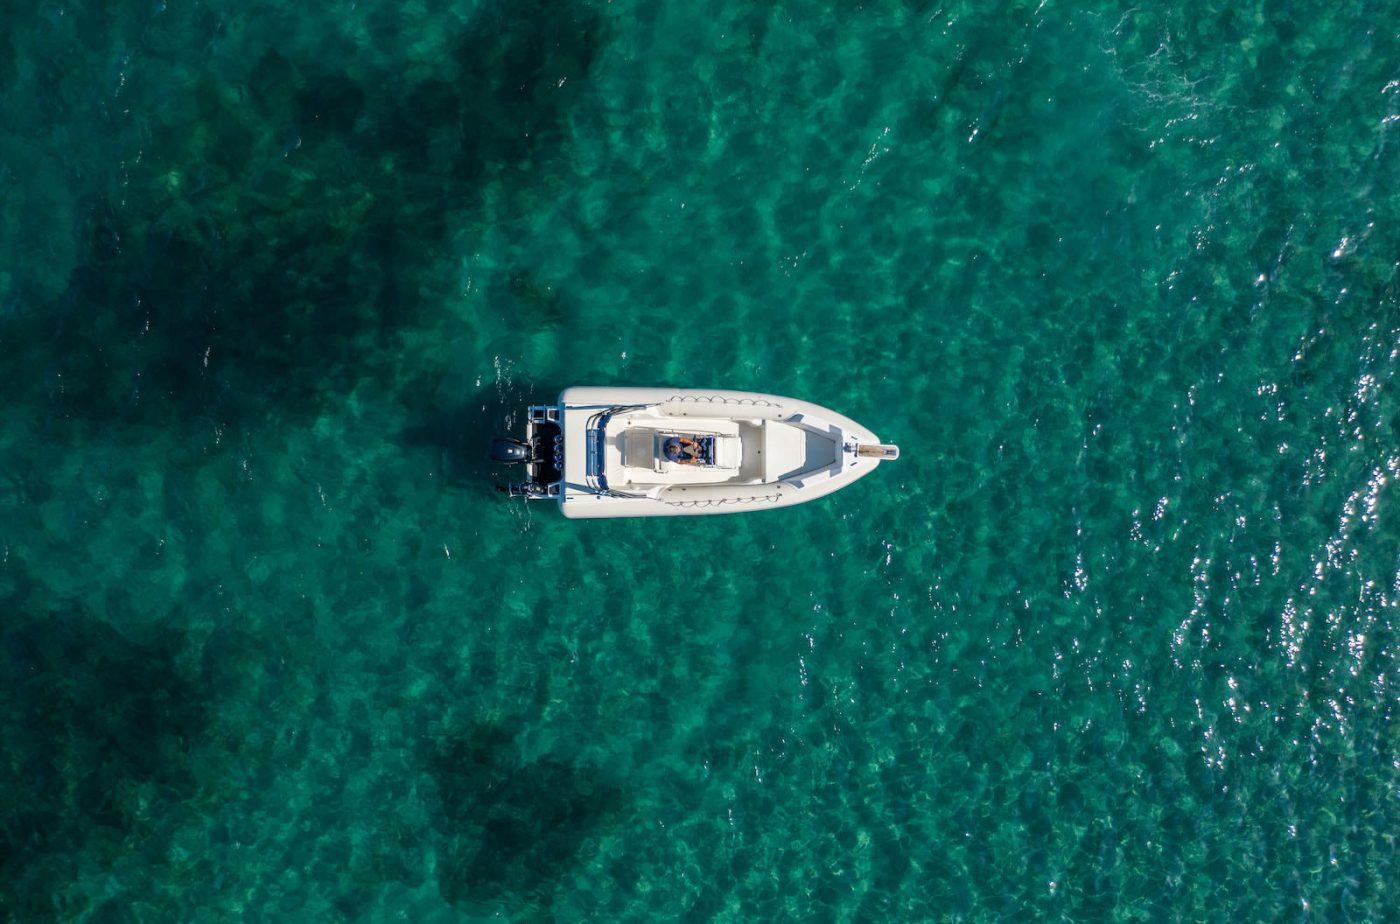 Chios-DJI_0681-106-opt